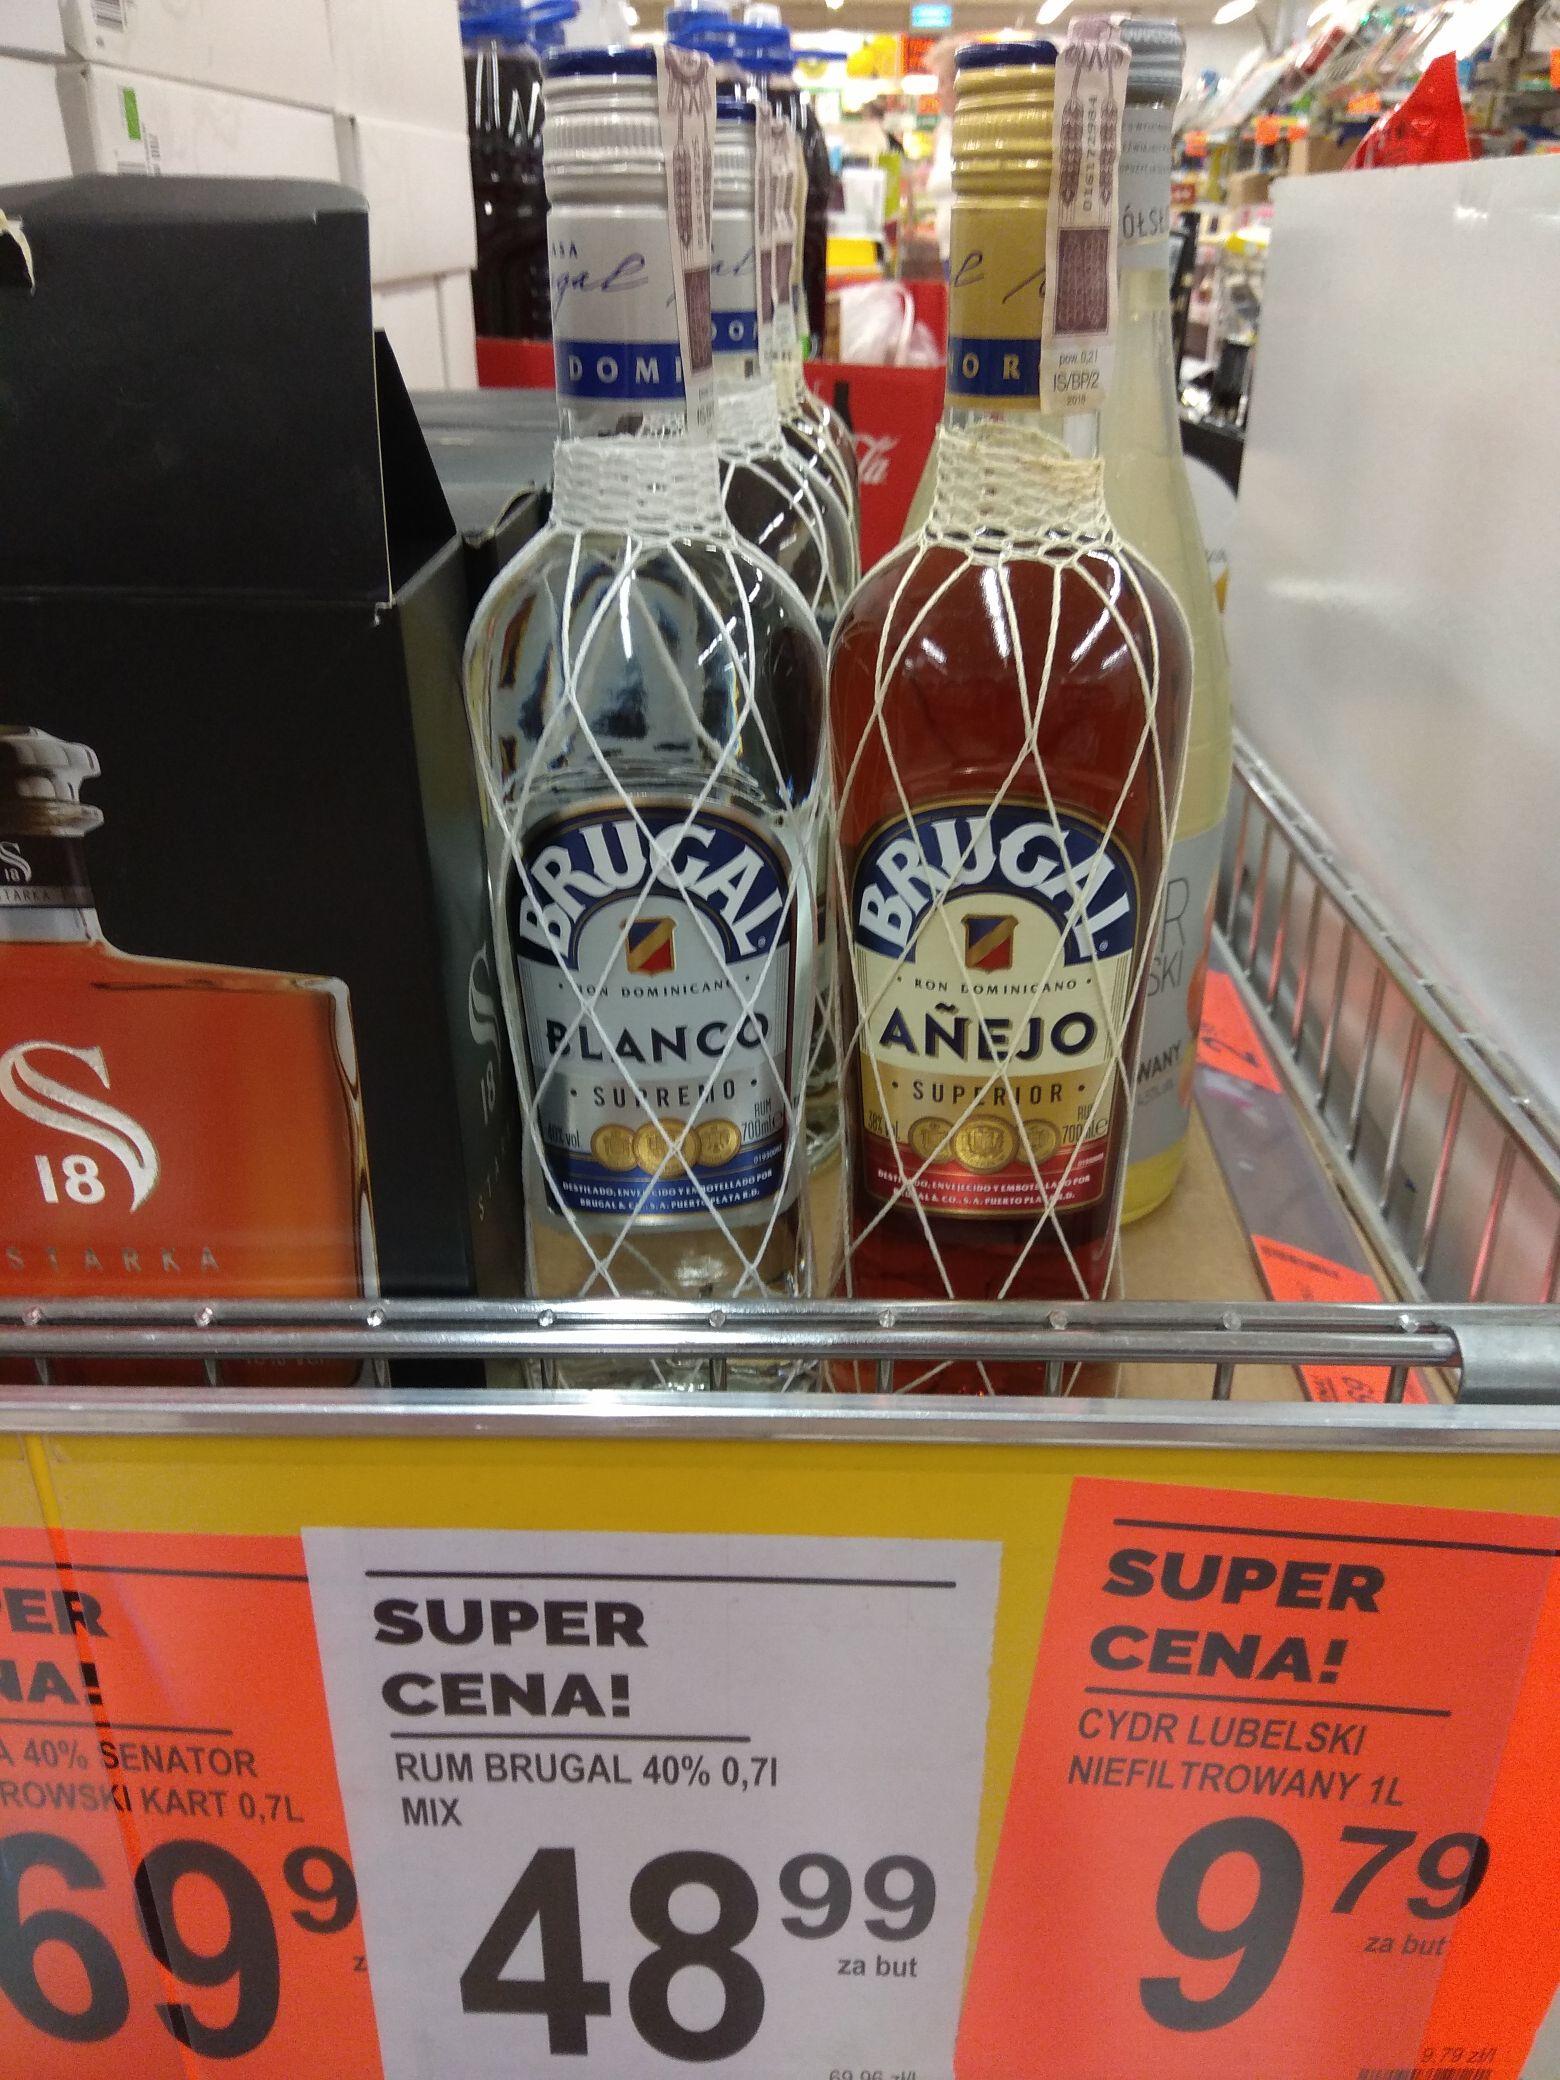 Rum Brugal 0,7 Biedronka